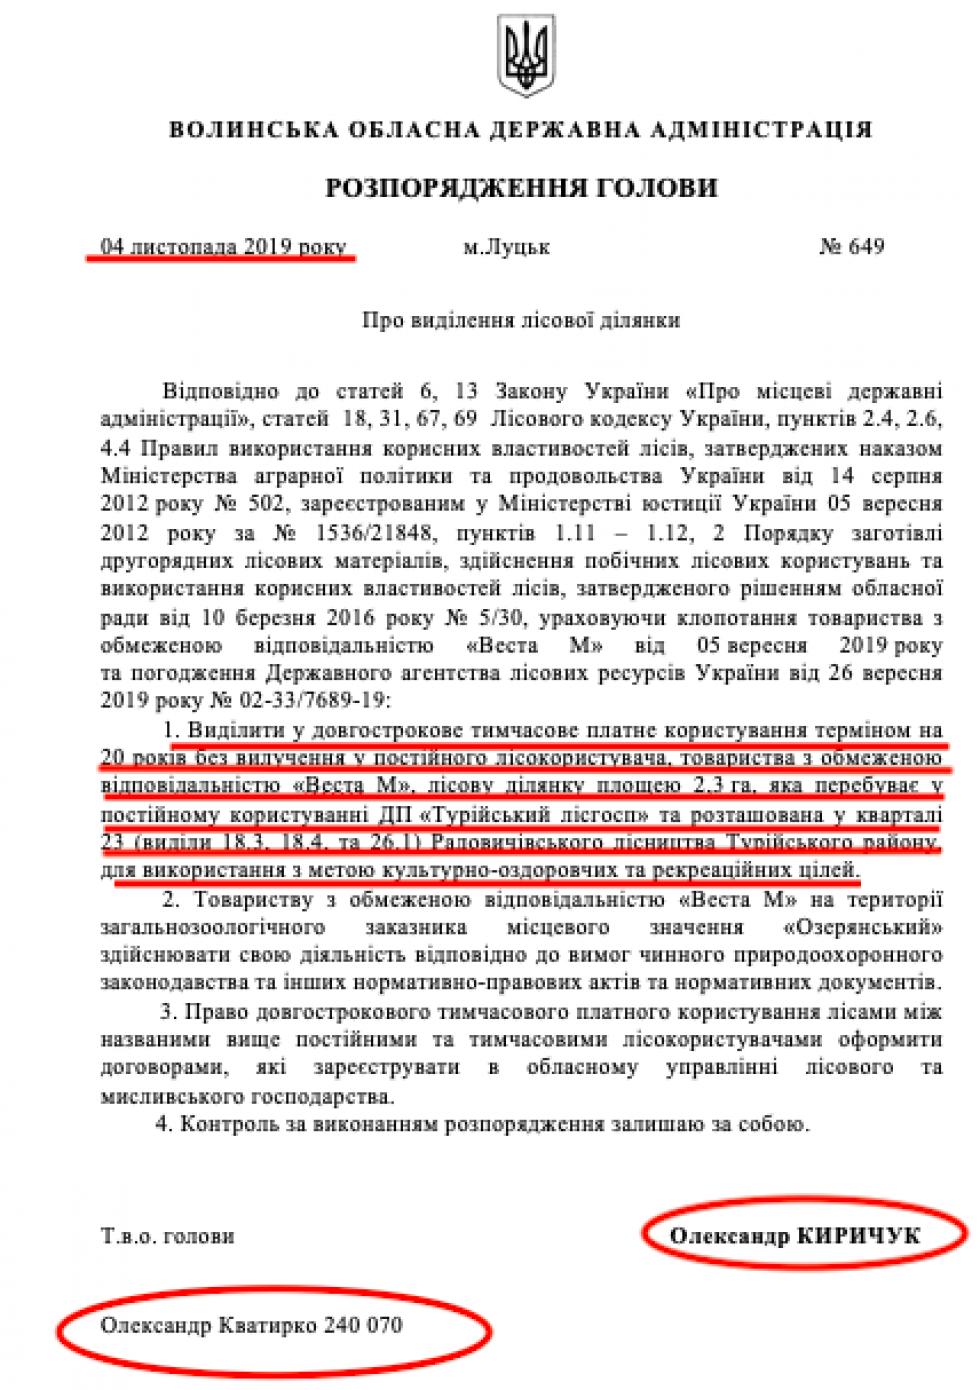 Текст розпорядження про виділення лісоділянки ТОВ «Веста М» опубліковано на сайті Волинської ОДА